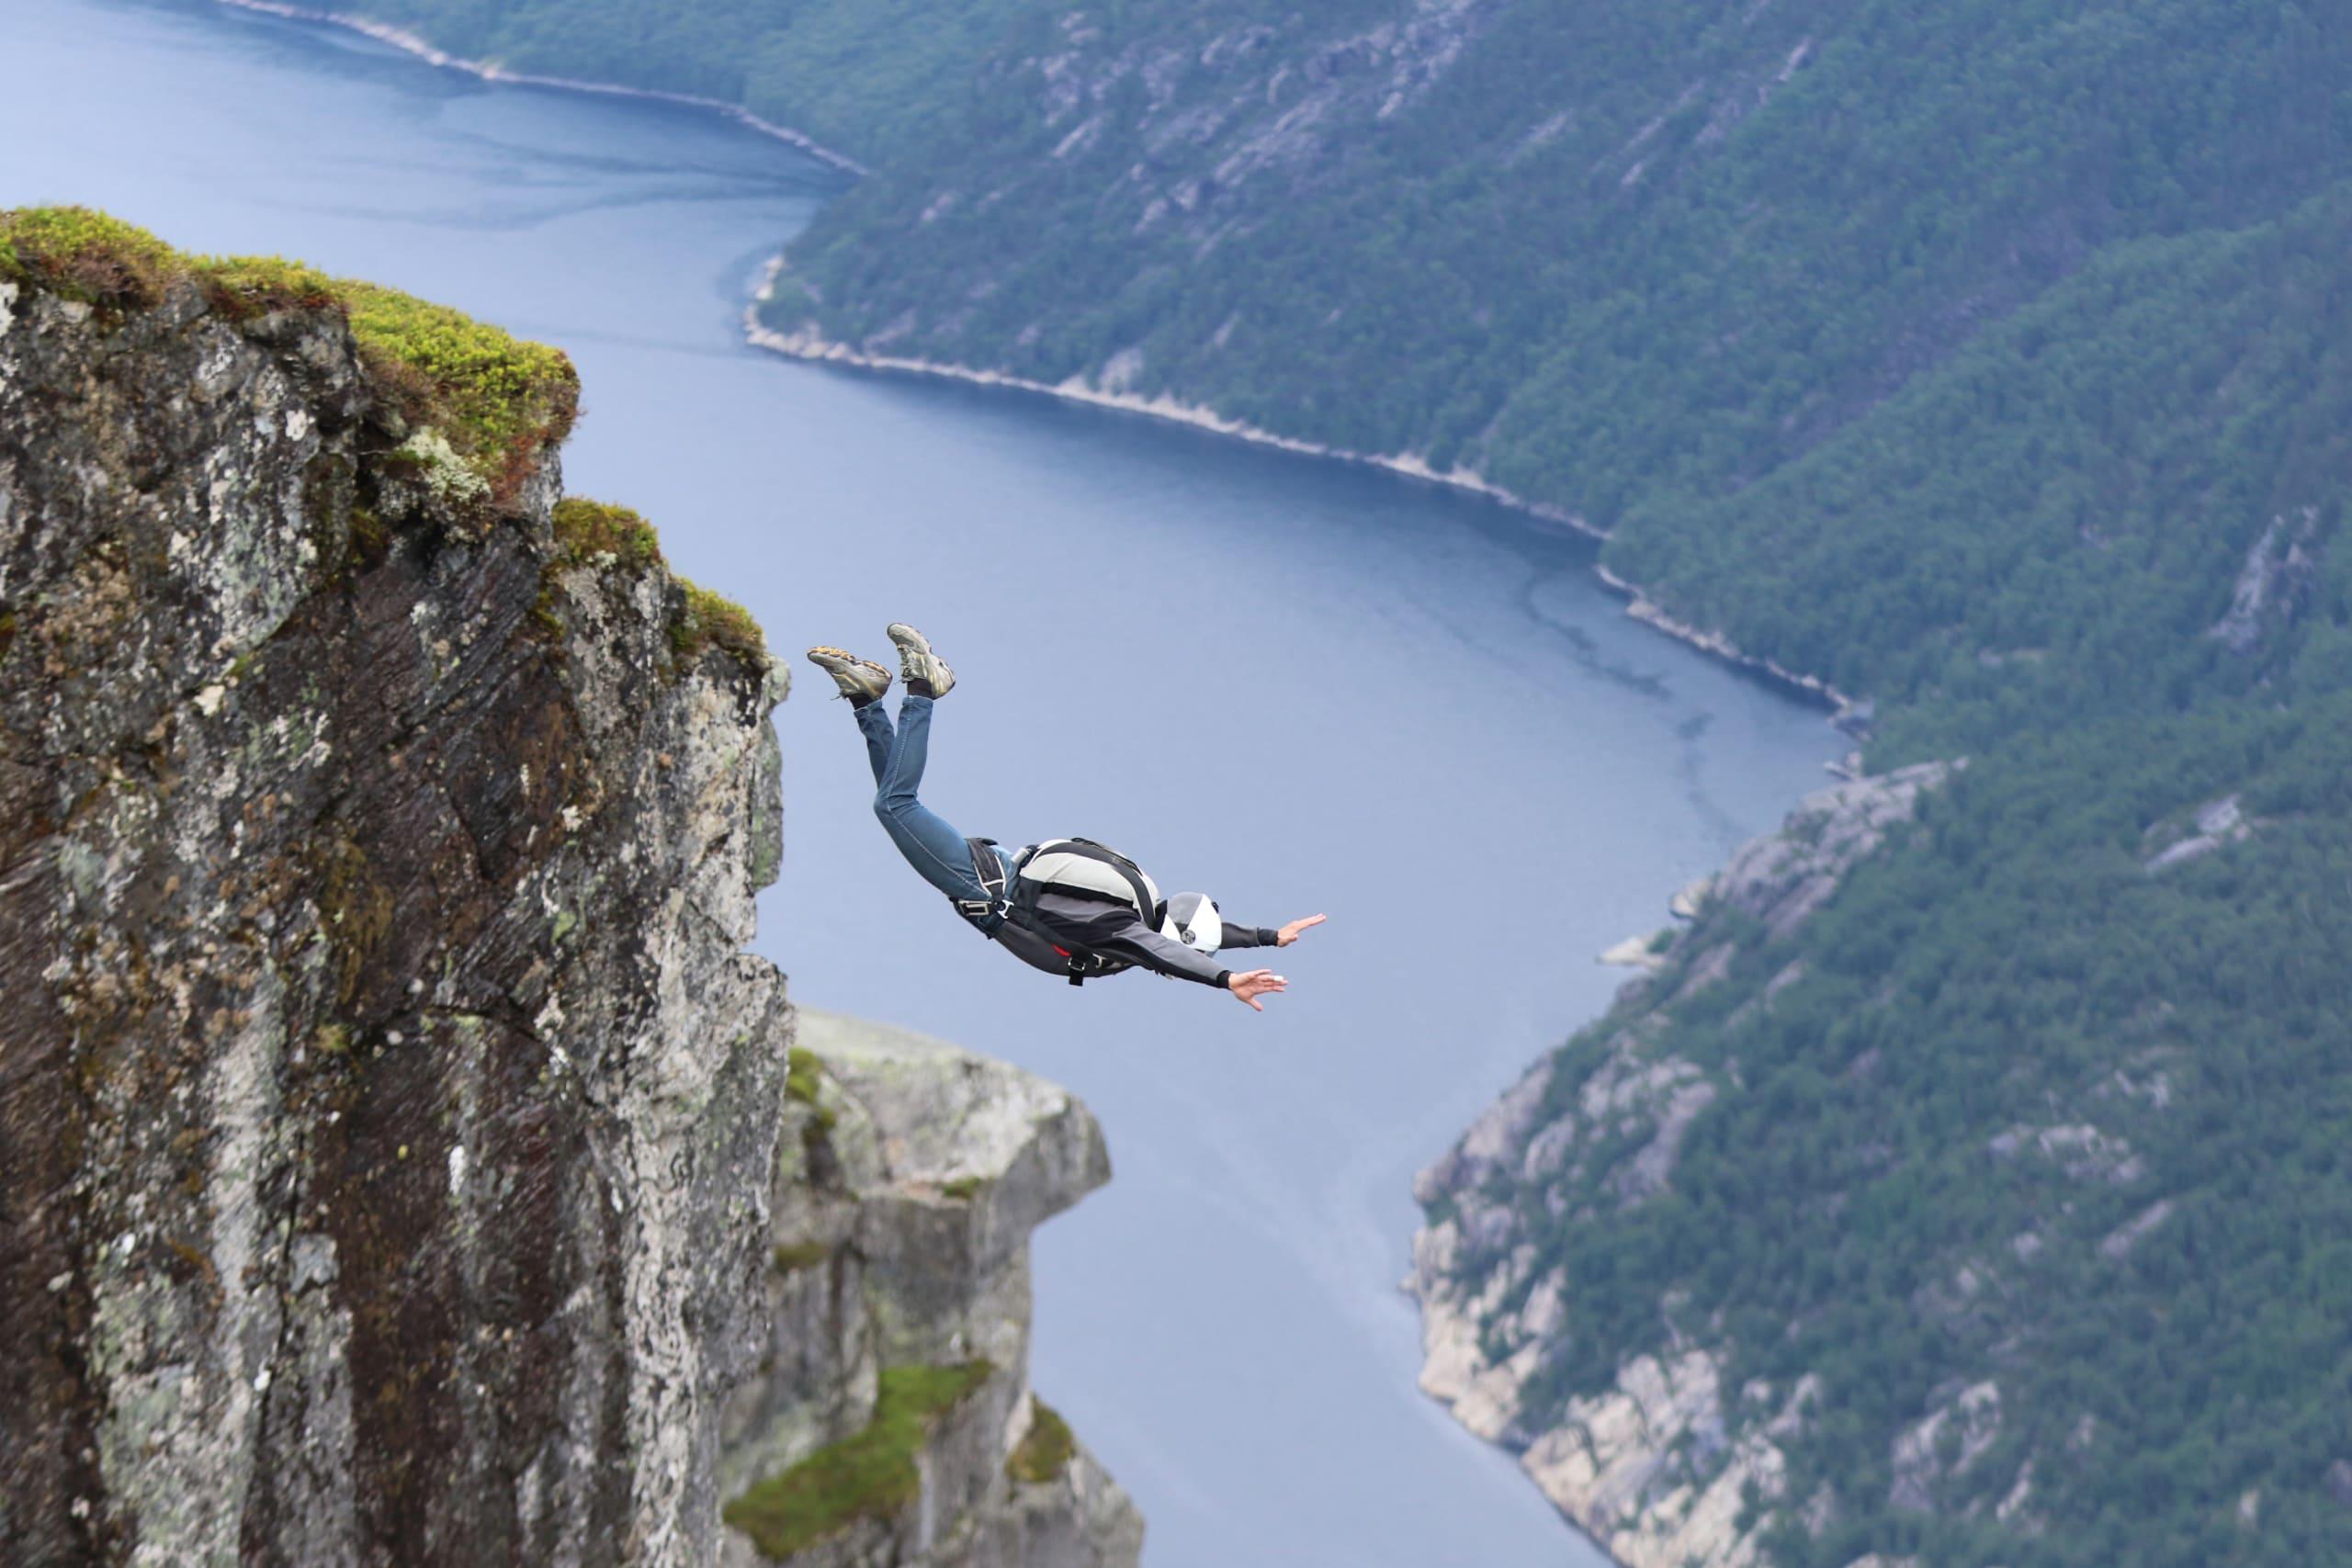 Base jumper flying off the cliffs of Kjerag